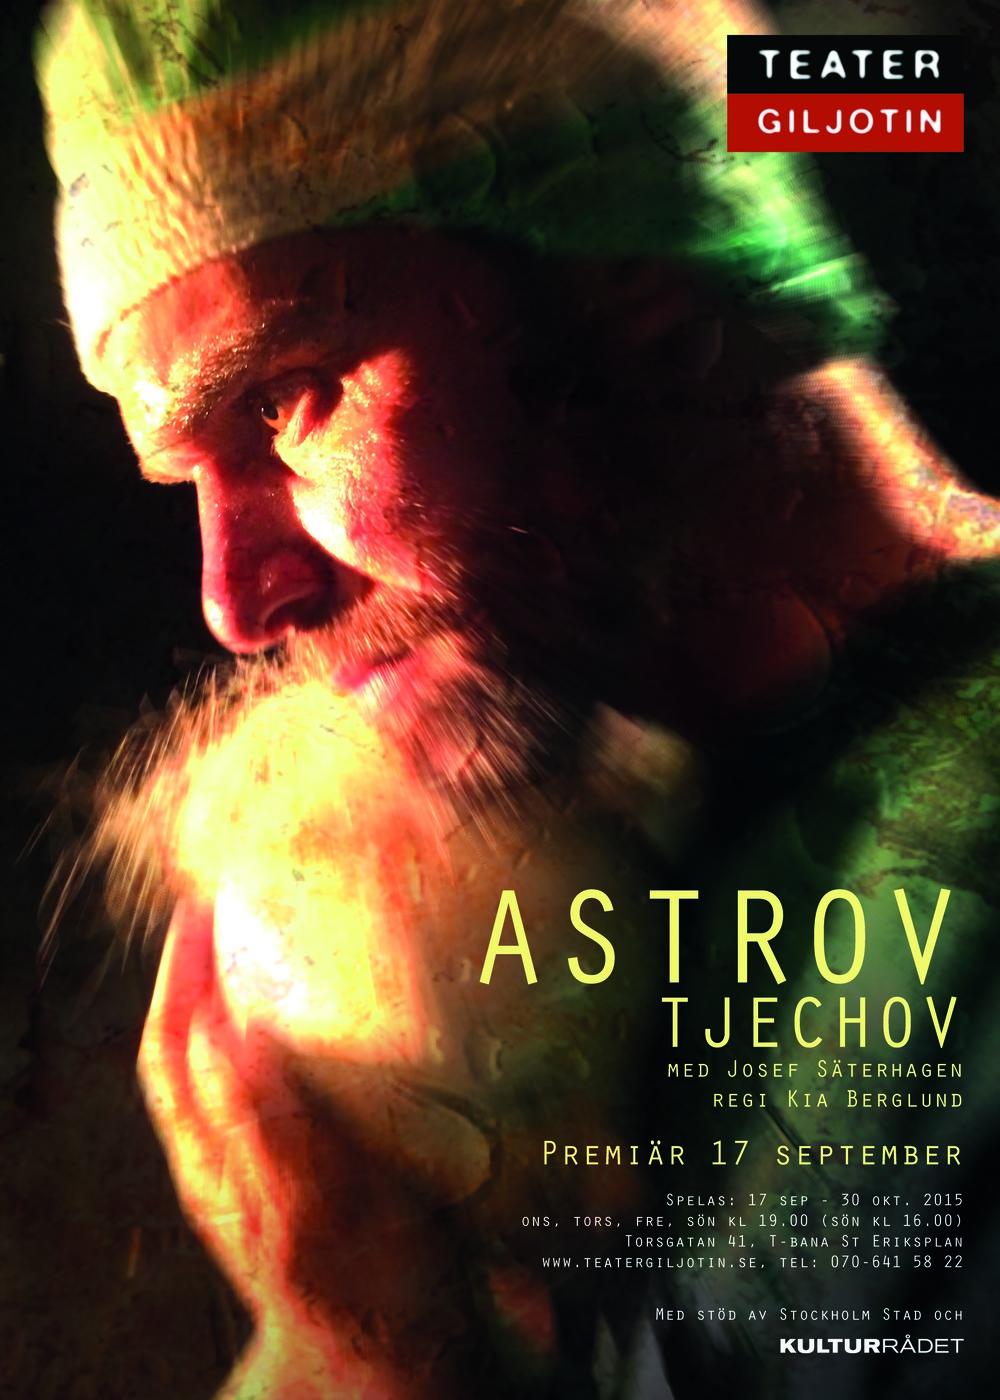 Affisch av Svoboda Tzekova